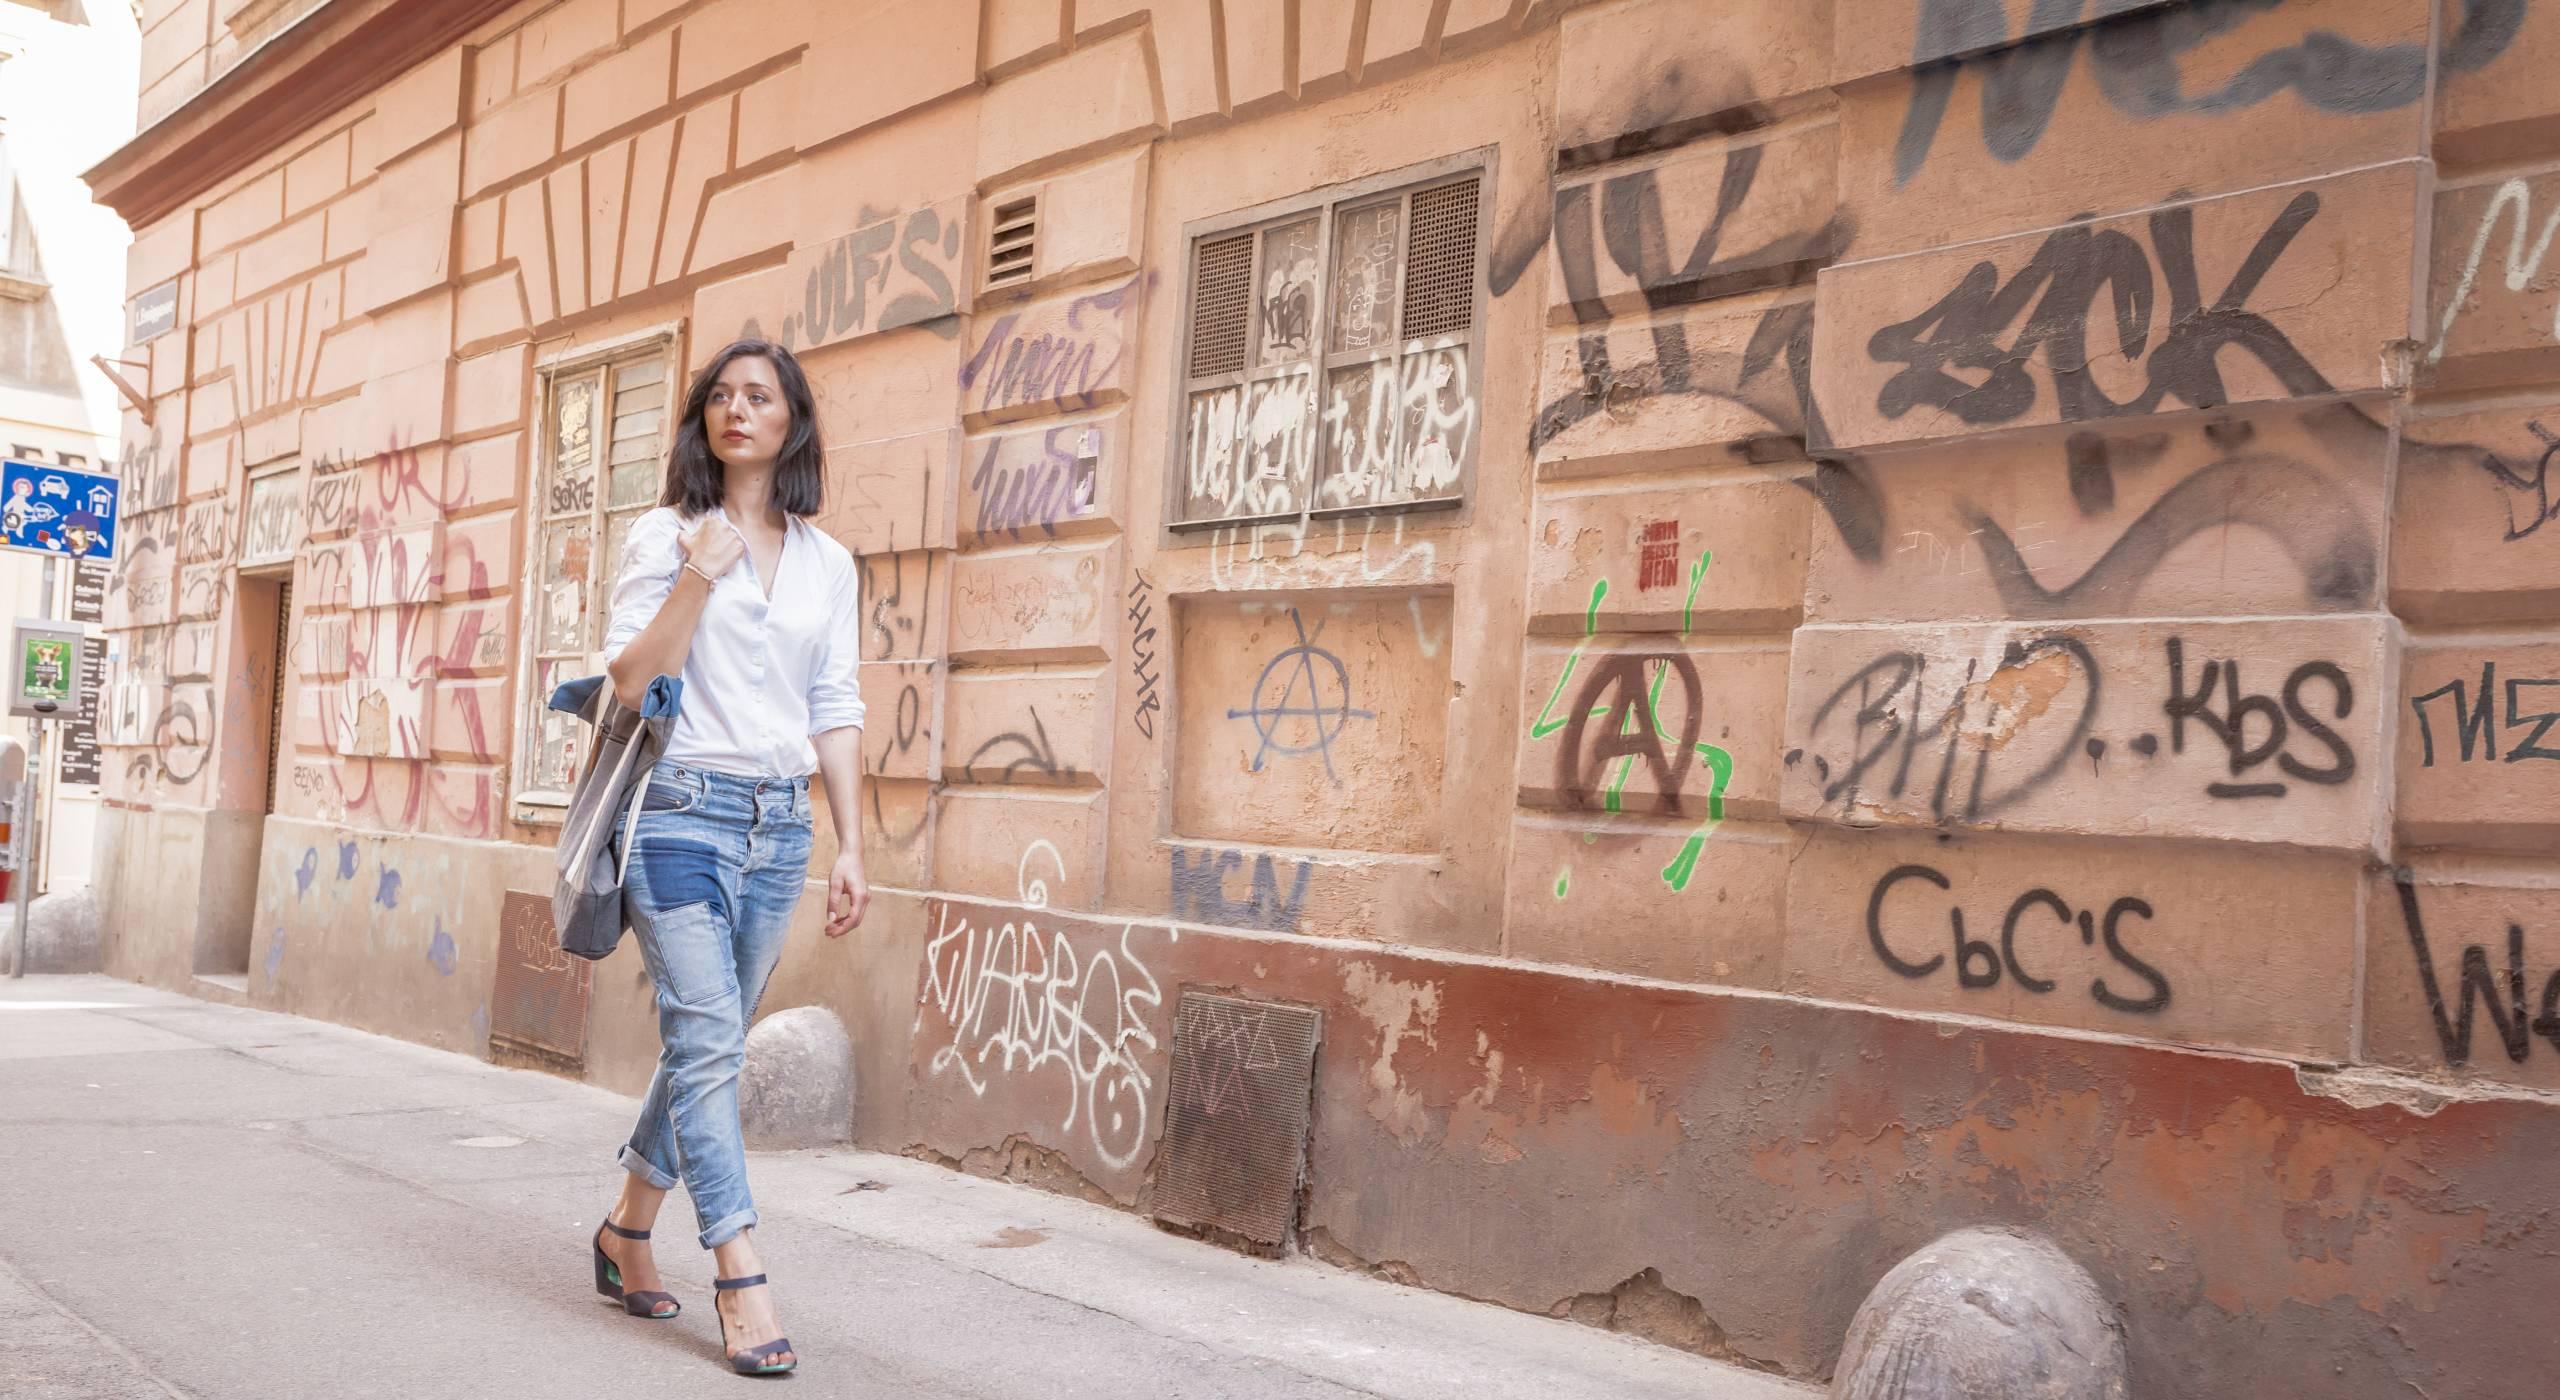 Eine junge Frau geht an einer braunen, mit GrEine junge Frau geht an einer mit Graffiti besprühten Wand vorbei. Foto von Stephan Doleschal